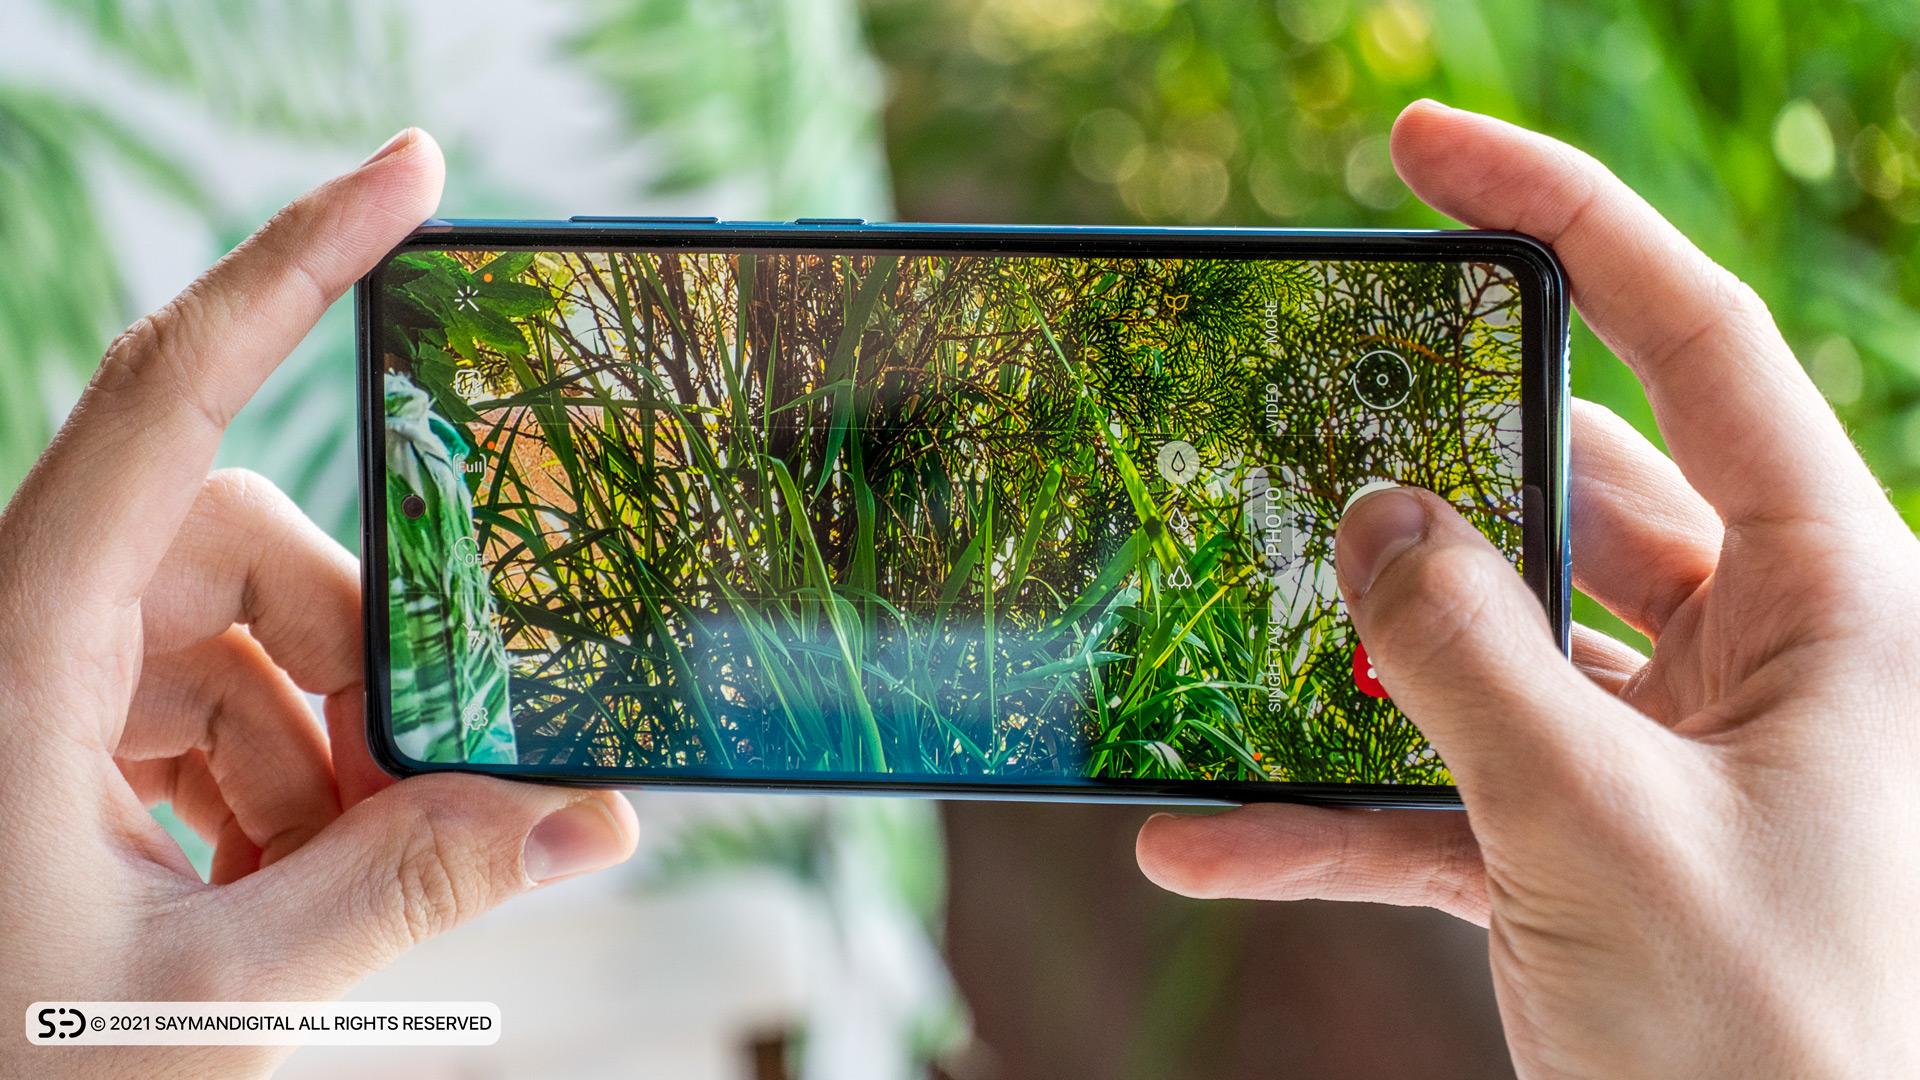 منوی دوربین در مطلب بررسی Galaxy A72